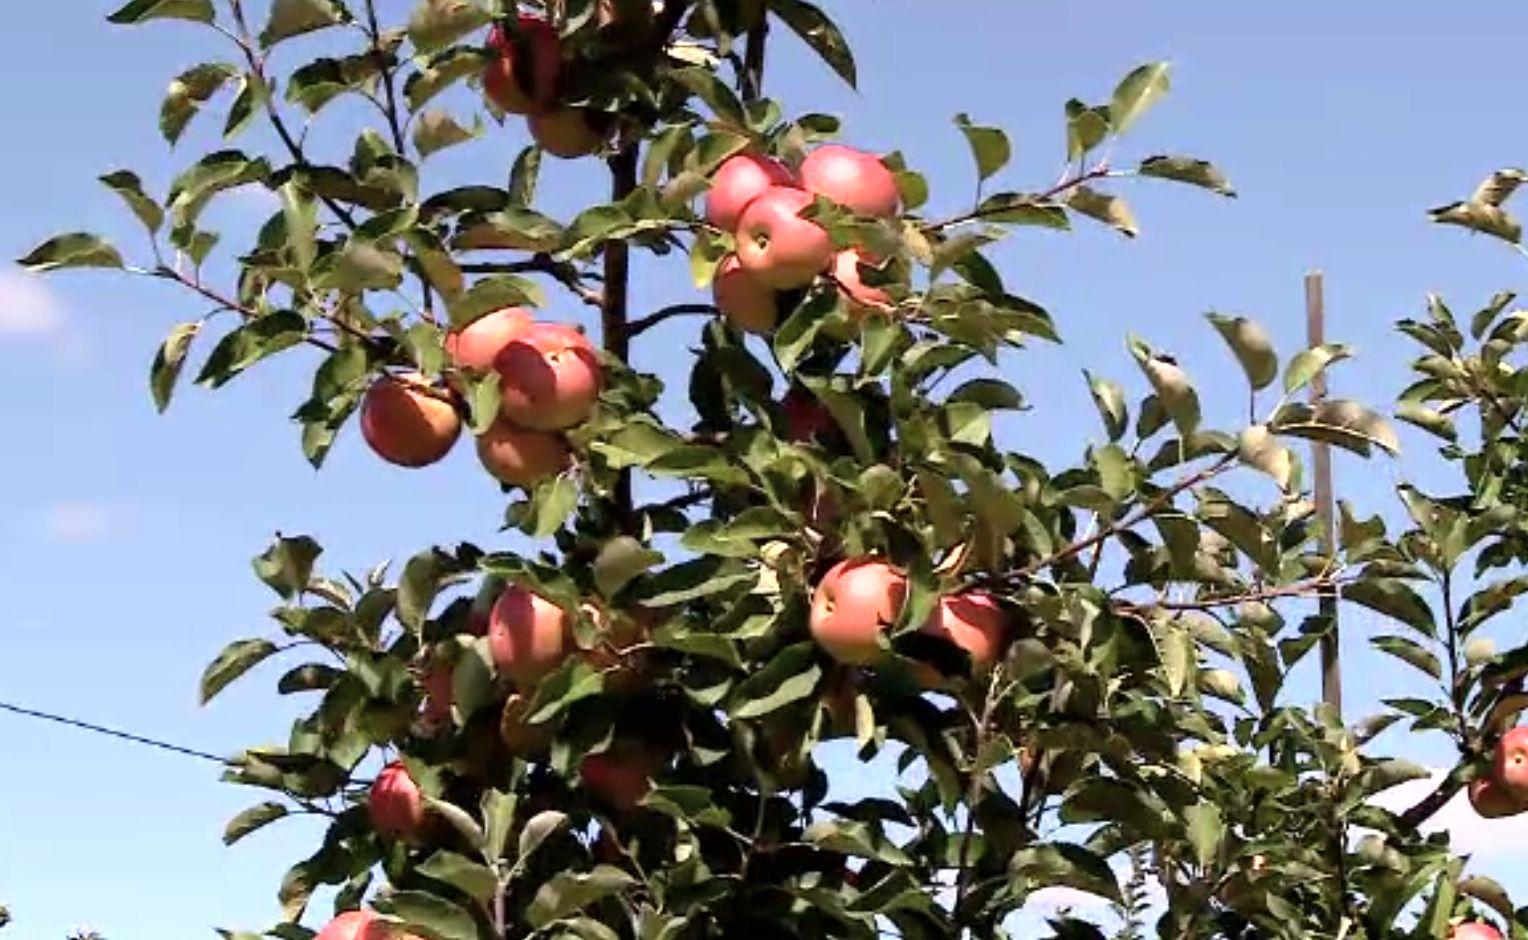 Producție semnificativă de mere toamna aceasta. Producătorii se plâng că nu au cui să vândă marfa